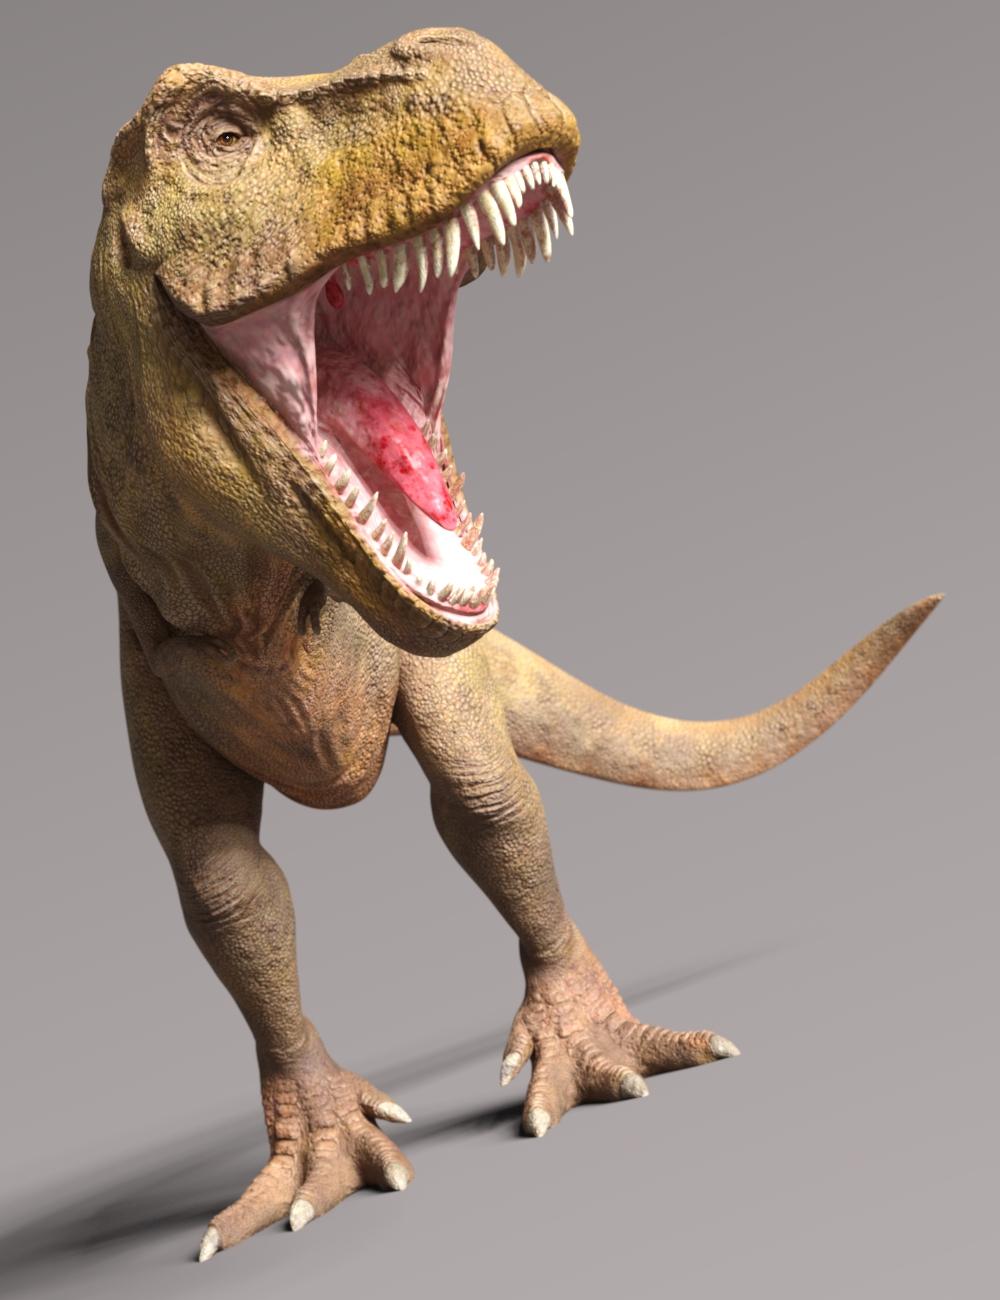 Rex HD for Genesis 8.1 Male by: JoeQuick, 3D Models by Daz 3D